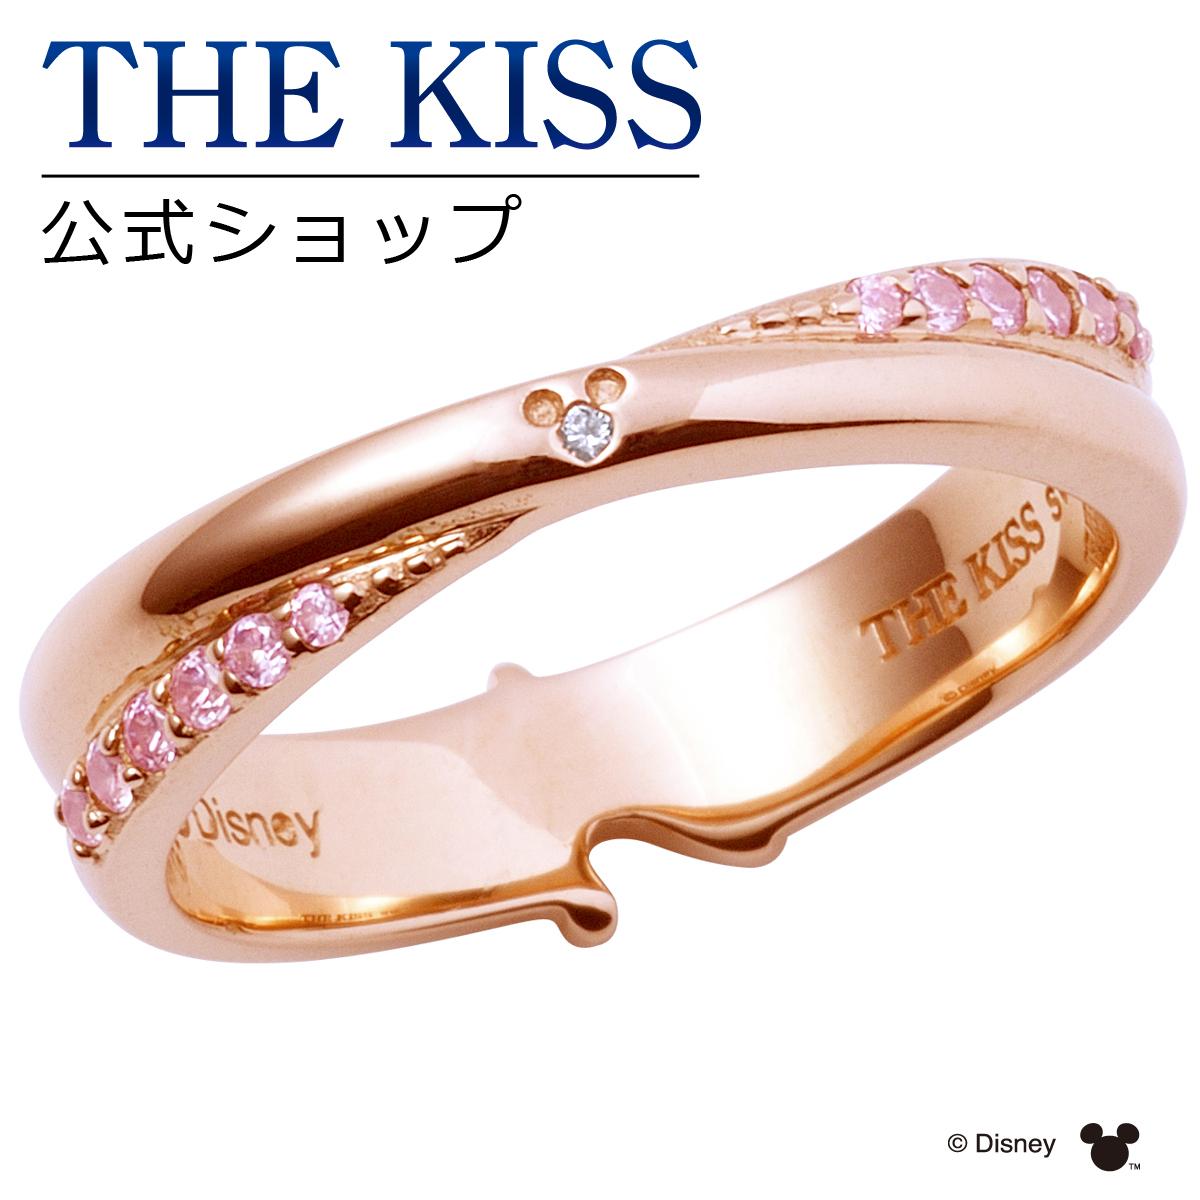 【あす楽対応】【ディズニーコレクション】 ディズニー / ペアリング / ミッキーマウス & ミニーマウス / THE KISS リング・指輪 シルバー (レディース 単品) DI-SR6021DM ザキス 【送料無料】【Disneyzone】